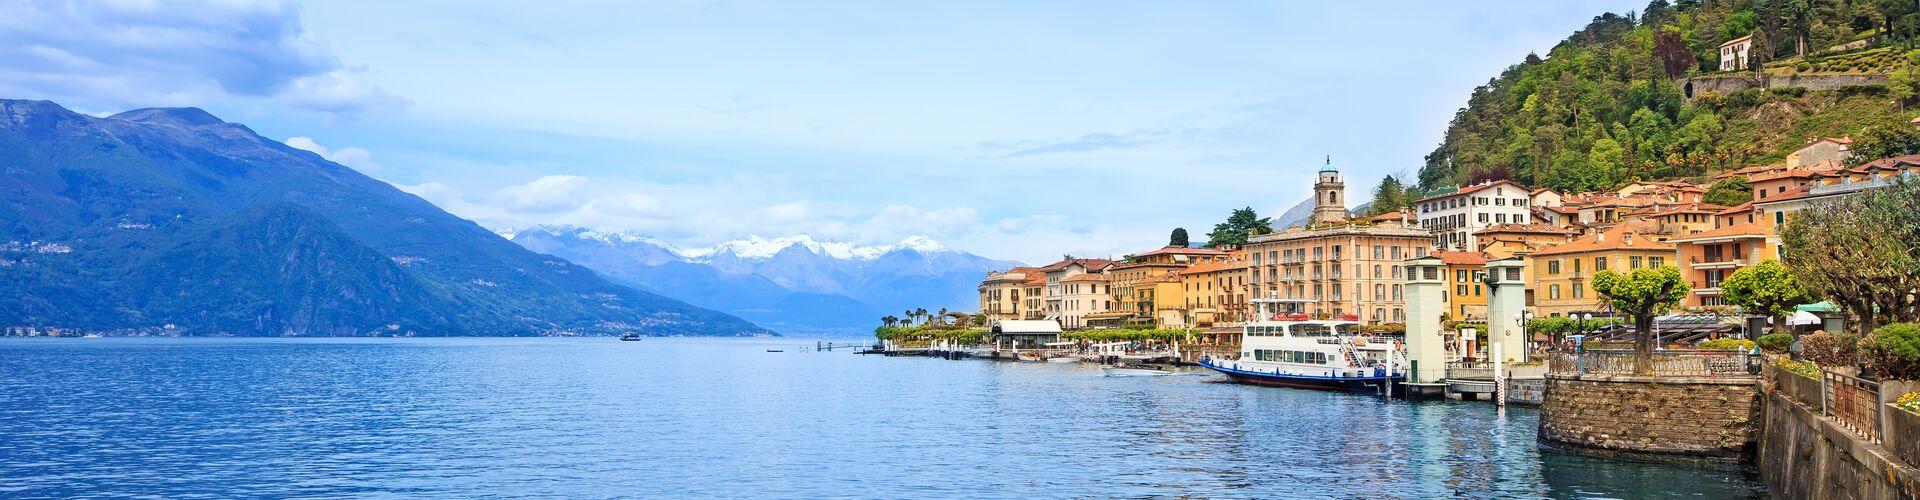 Italian Lakes: Hike, Bike & Kayak